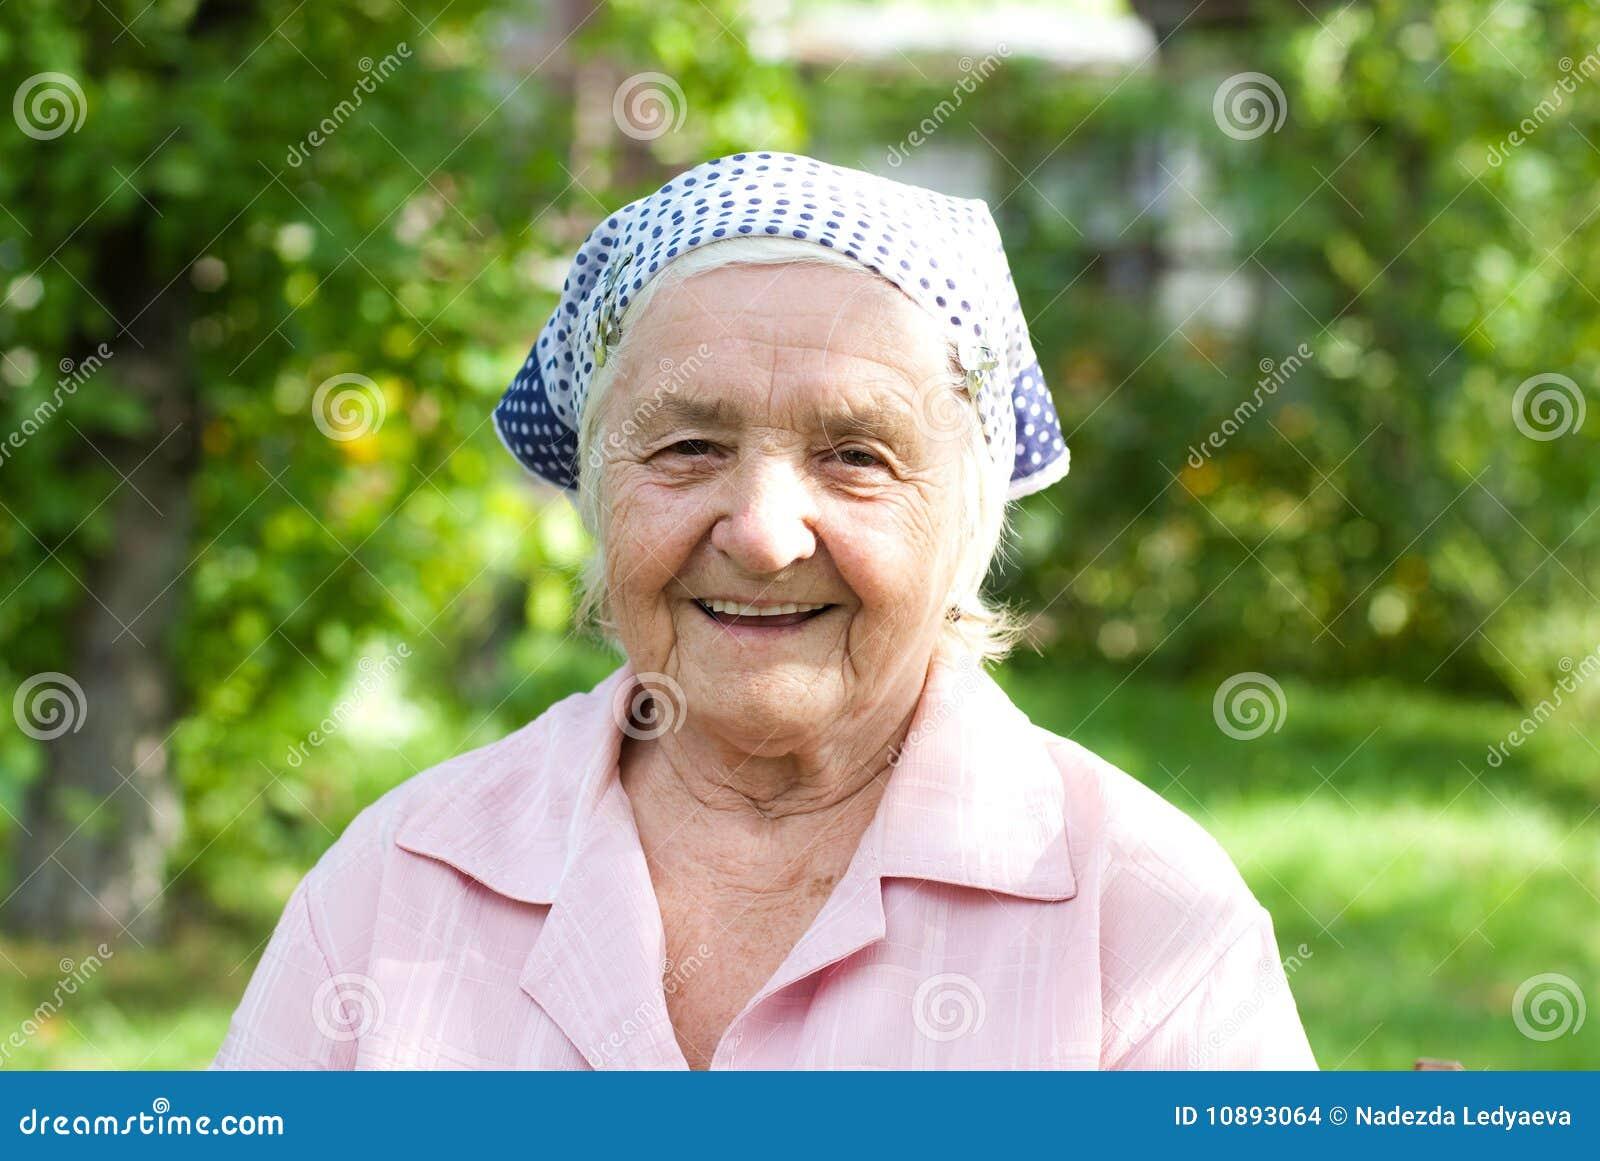 Русские пожилые мамаши 1 фотография